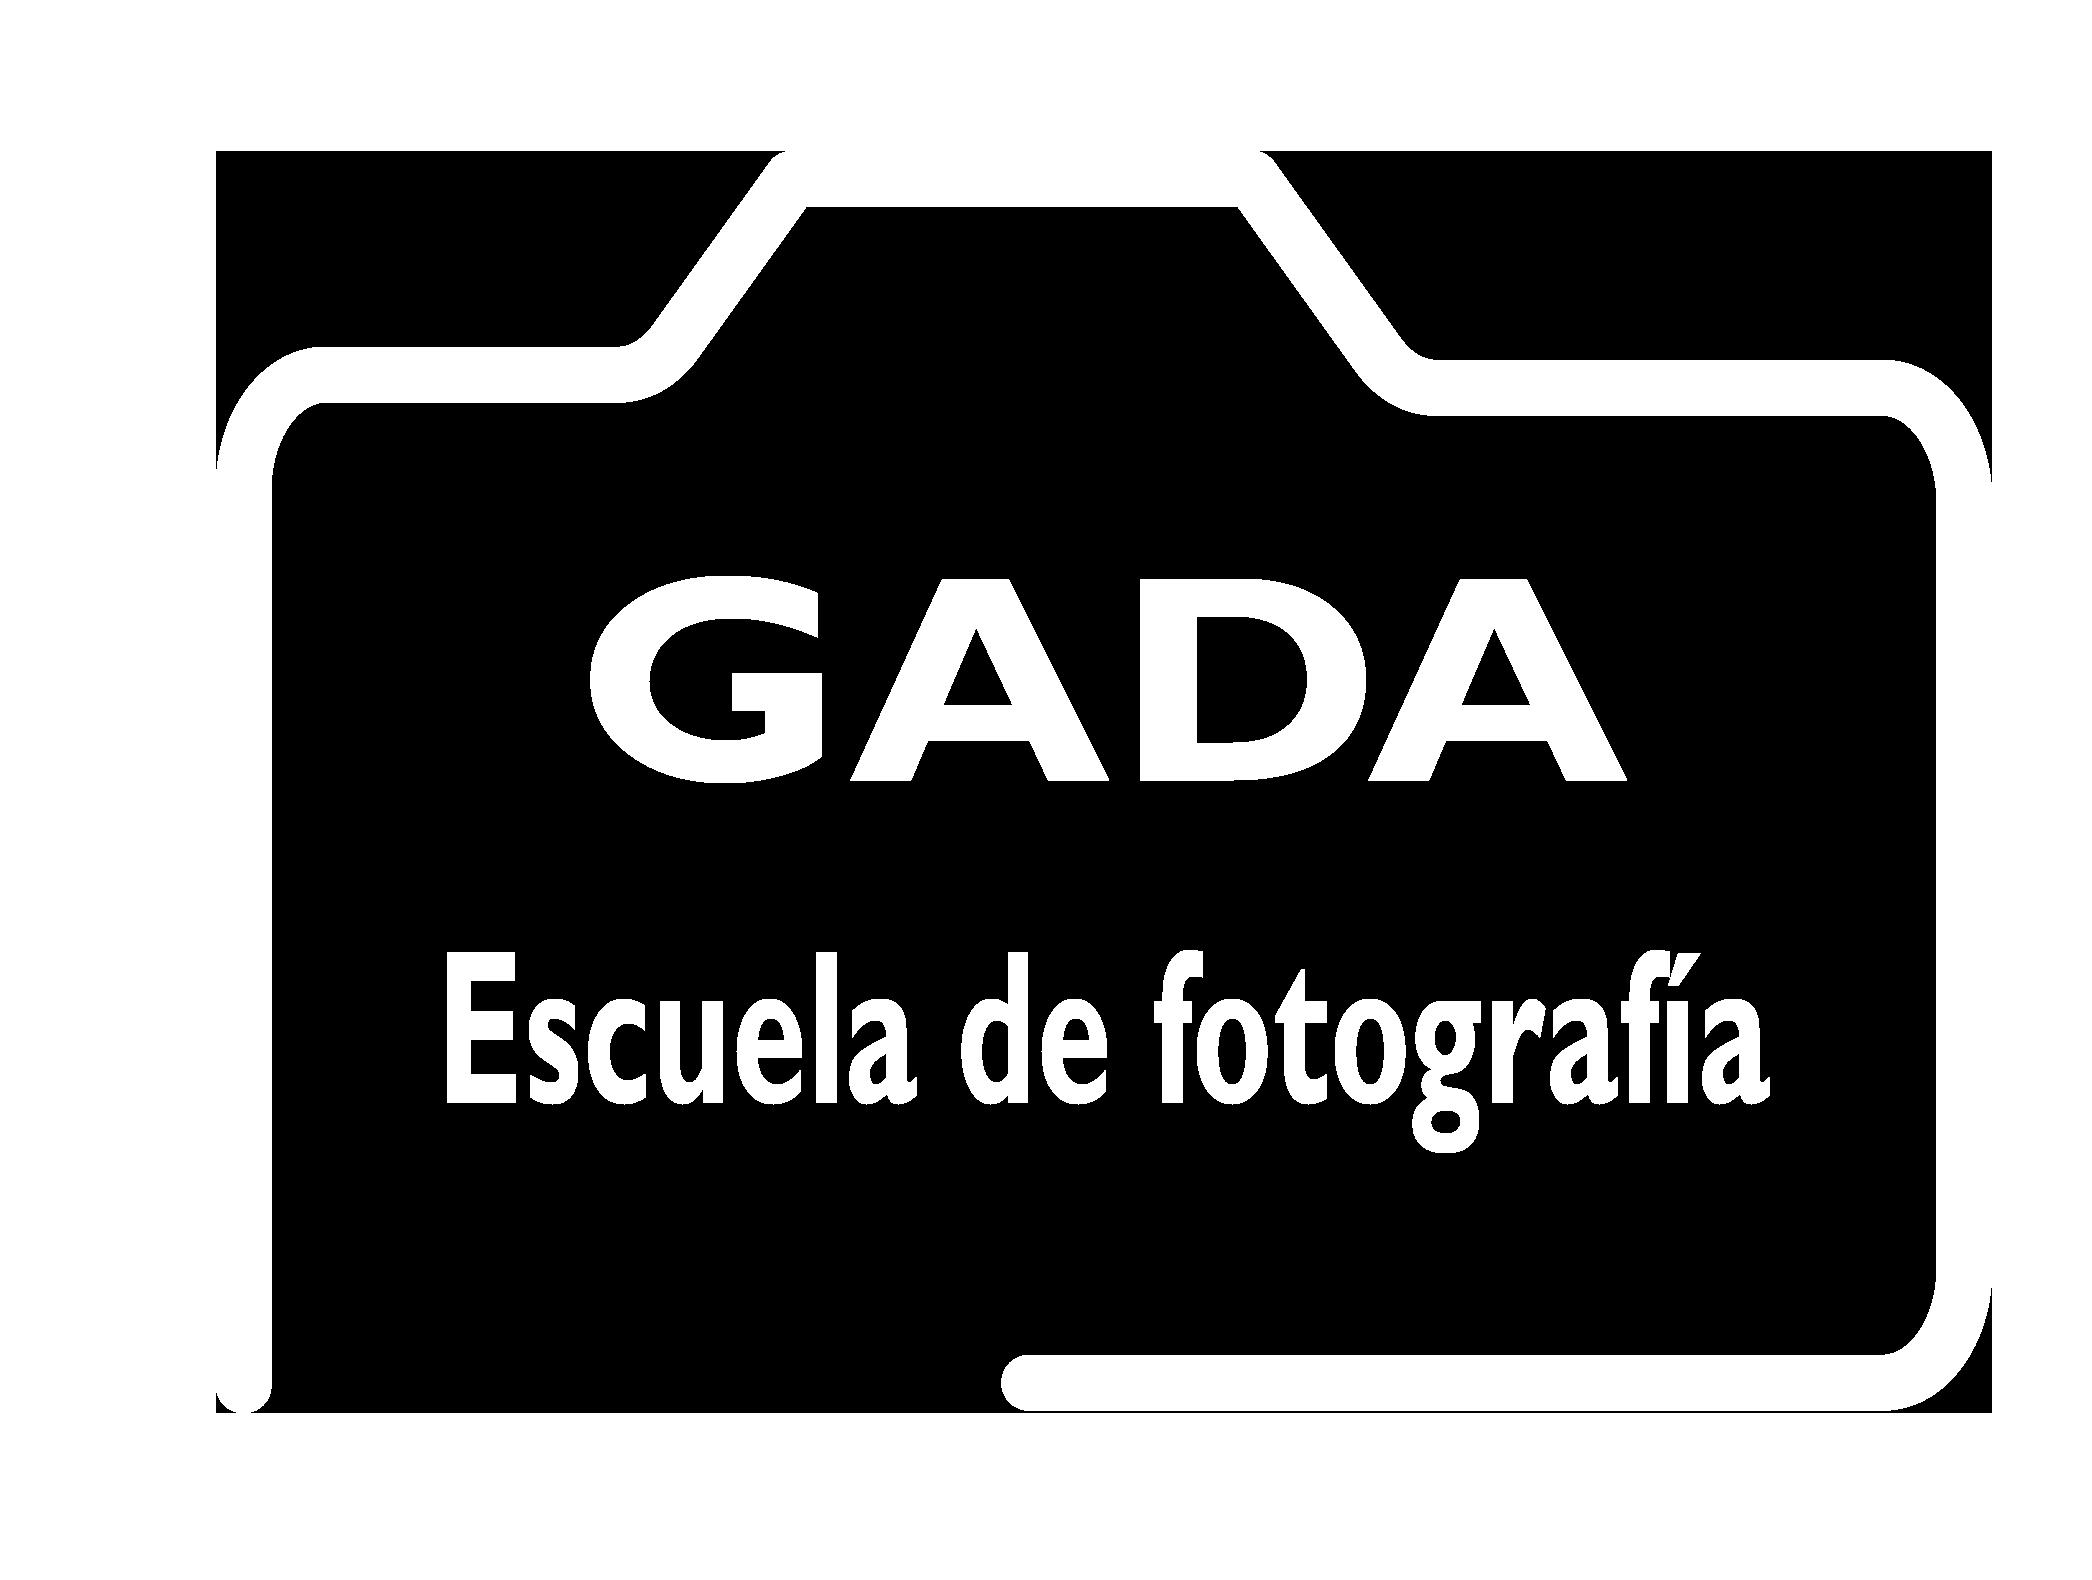 Gada Escuela de Fotografía